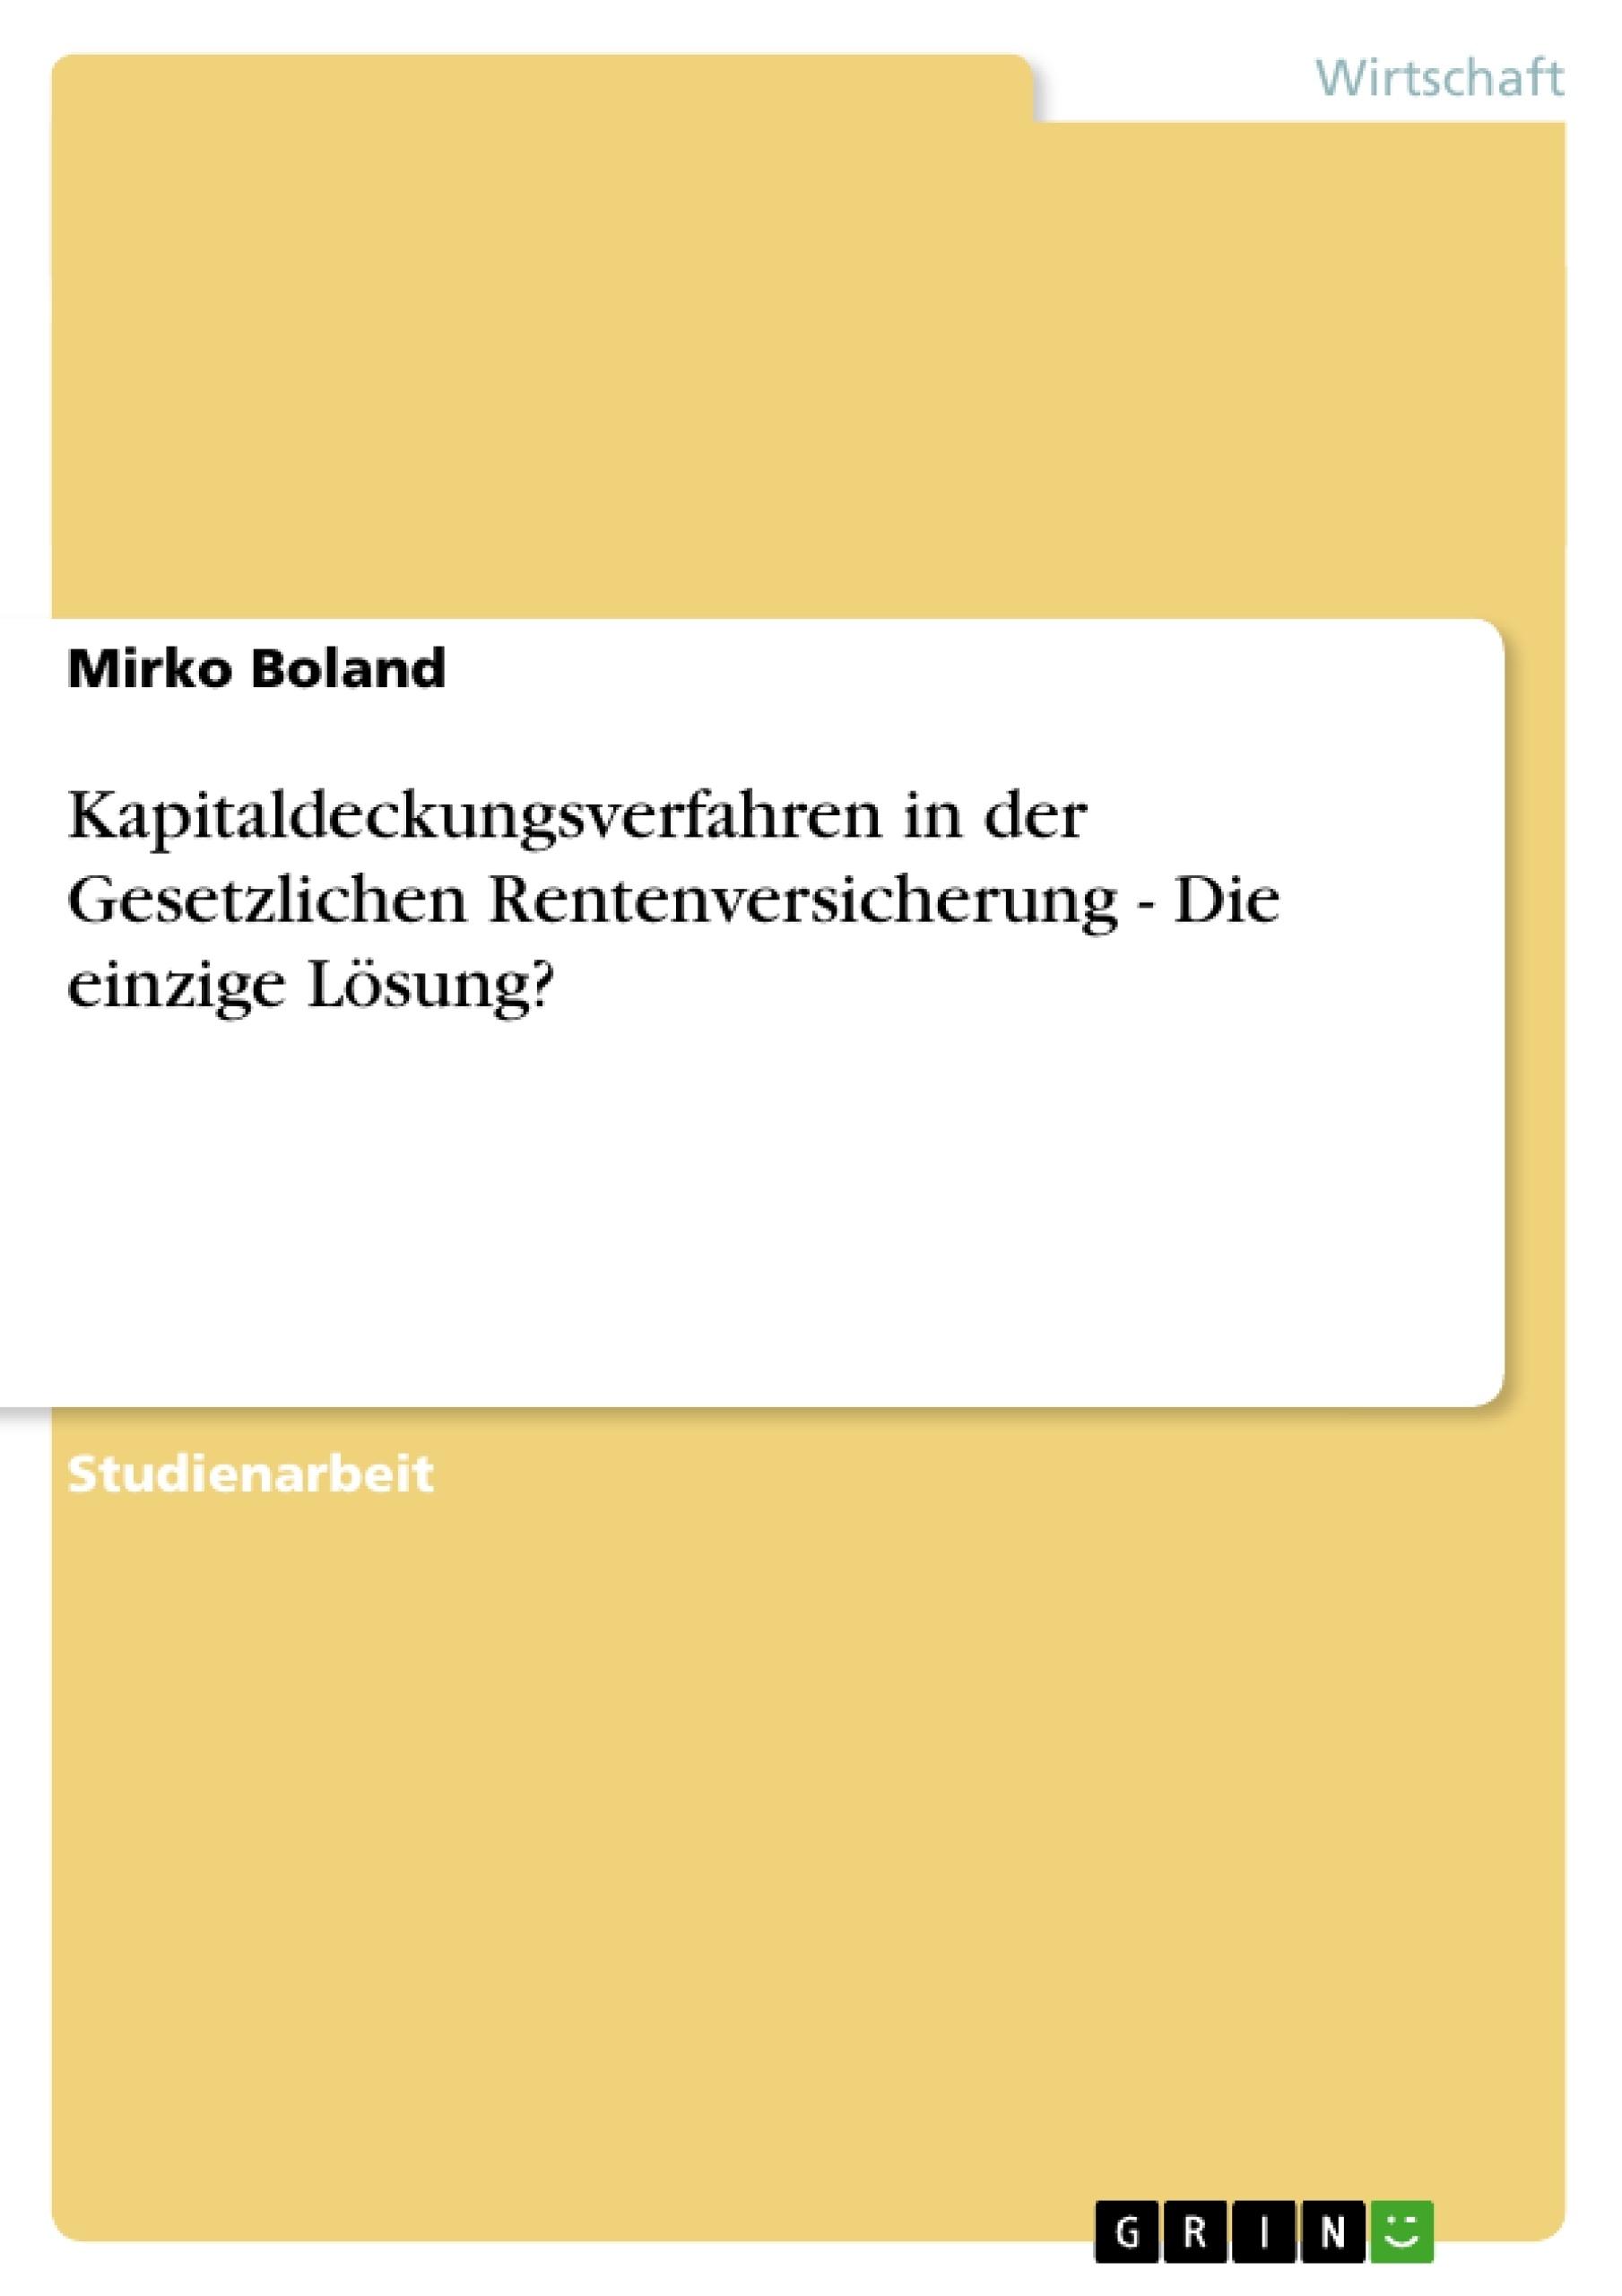 Titel: Kapitaldeckungsverfahren in der Gesetzlichen Rentenversicherung - Die einzige Lösung?